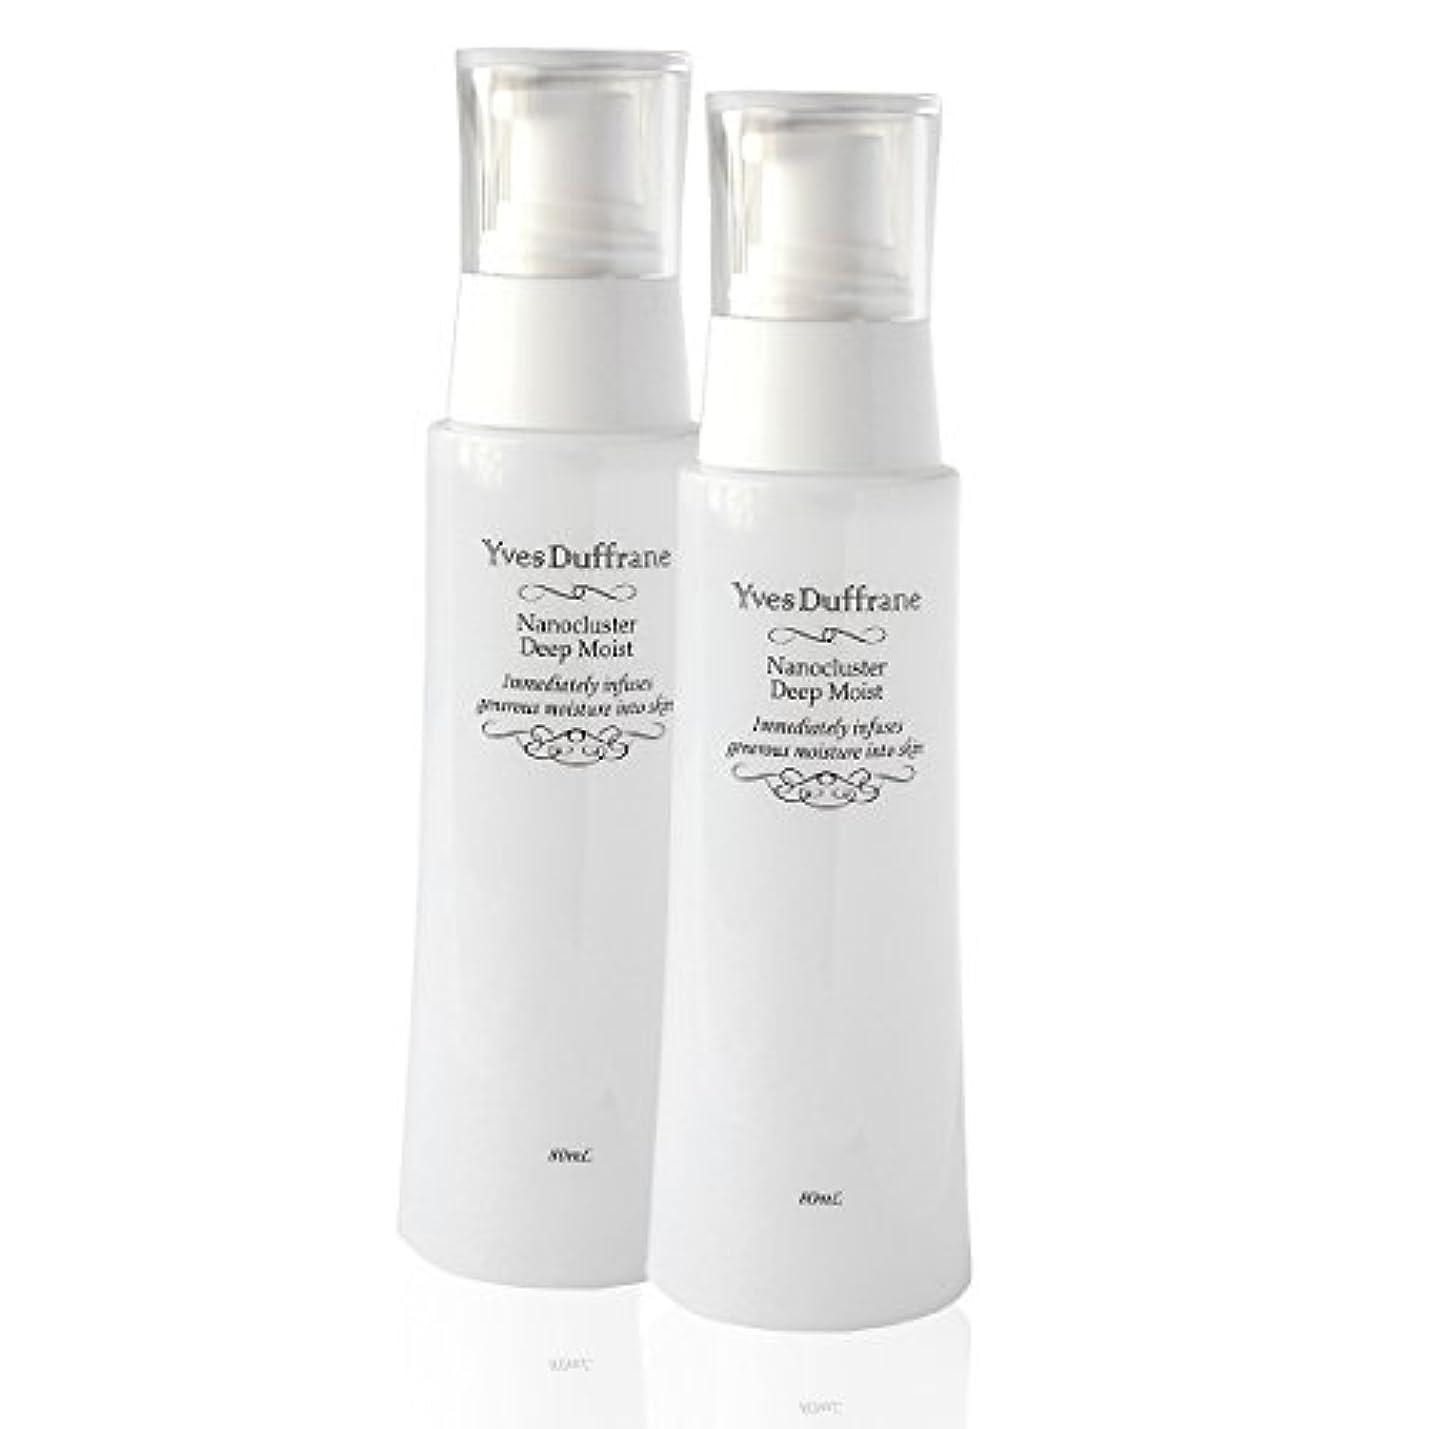 呼吸するから聞く真実化粧水 ( ナノ化粧水 2点セット)ナノ化 スクワラン 乾燥 毛穴 敏感肌 高保湿 高浸透 高品質 メンズ OK